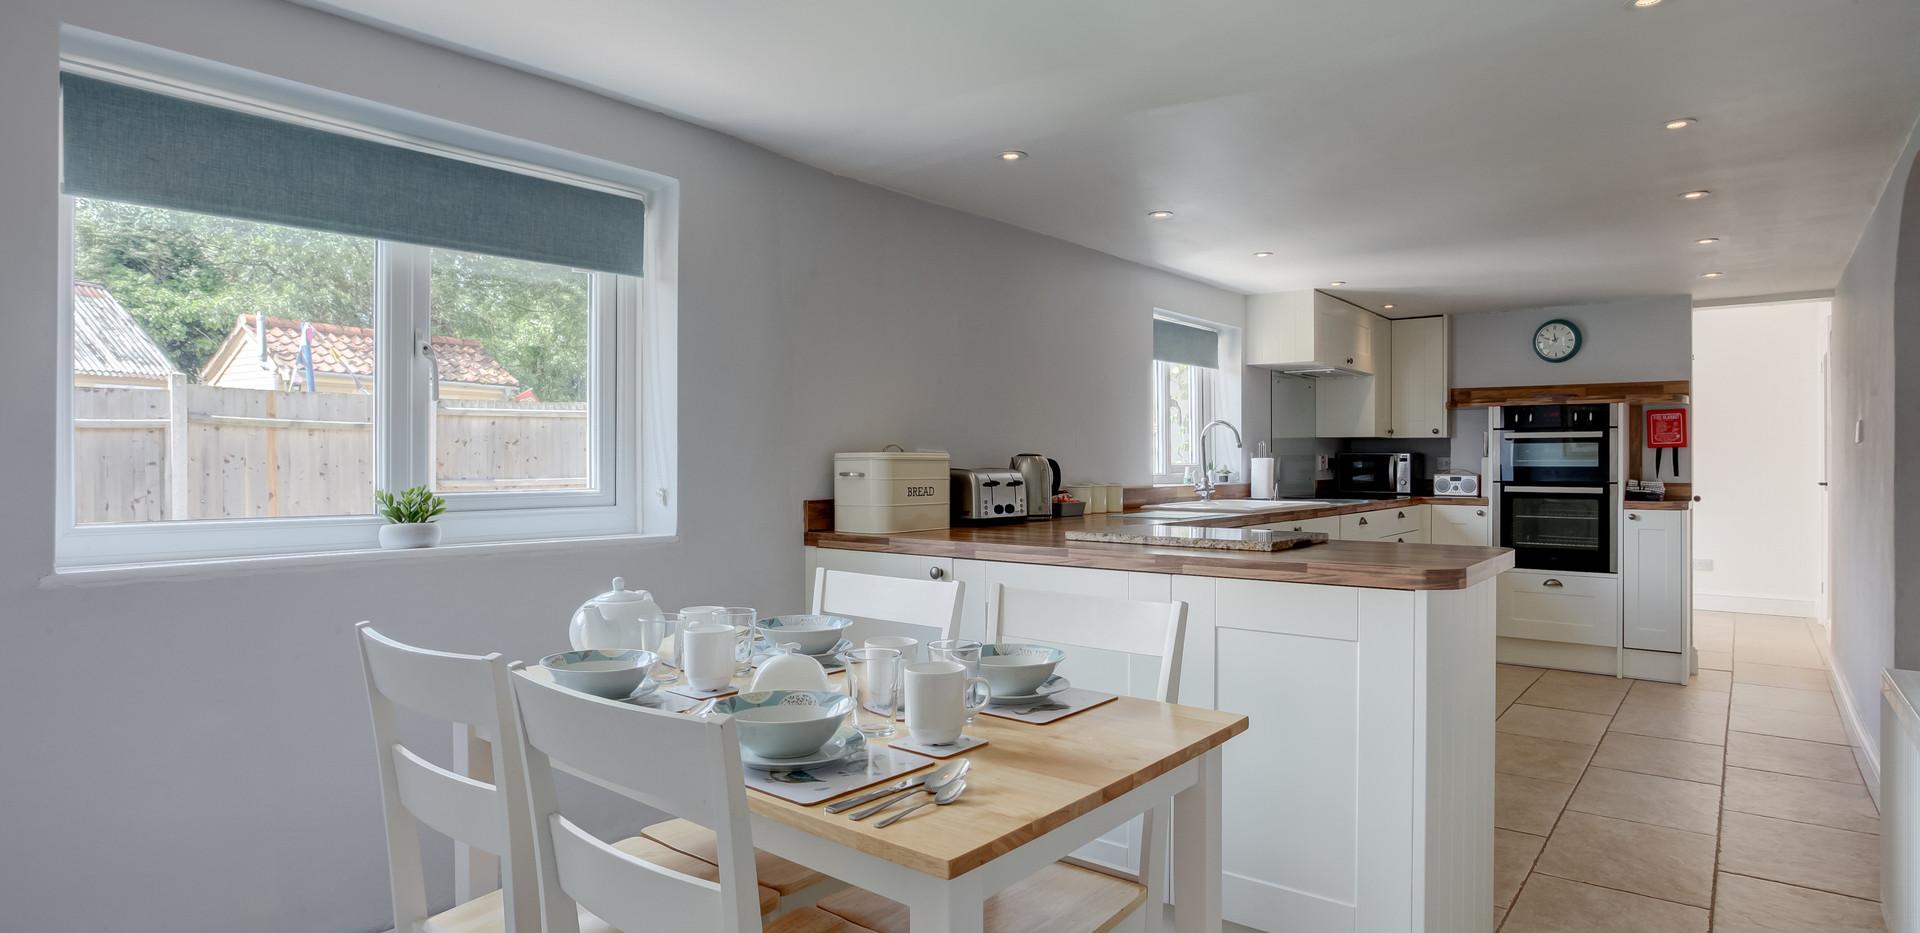 riverside-kitchen-2.jpg